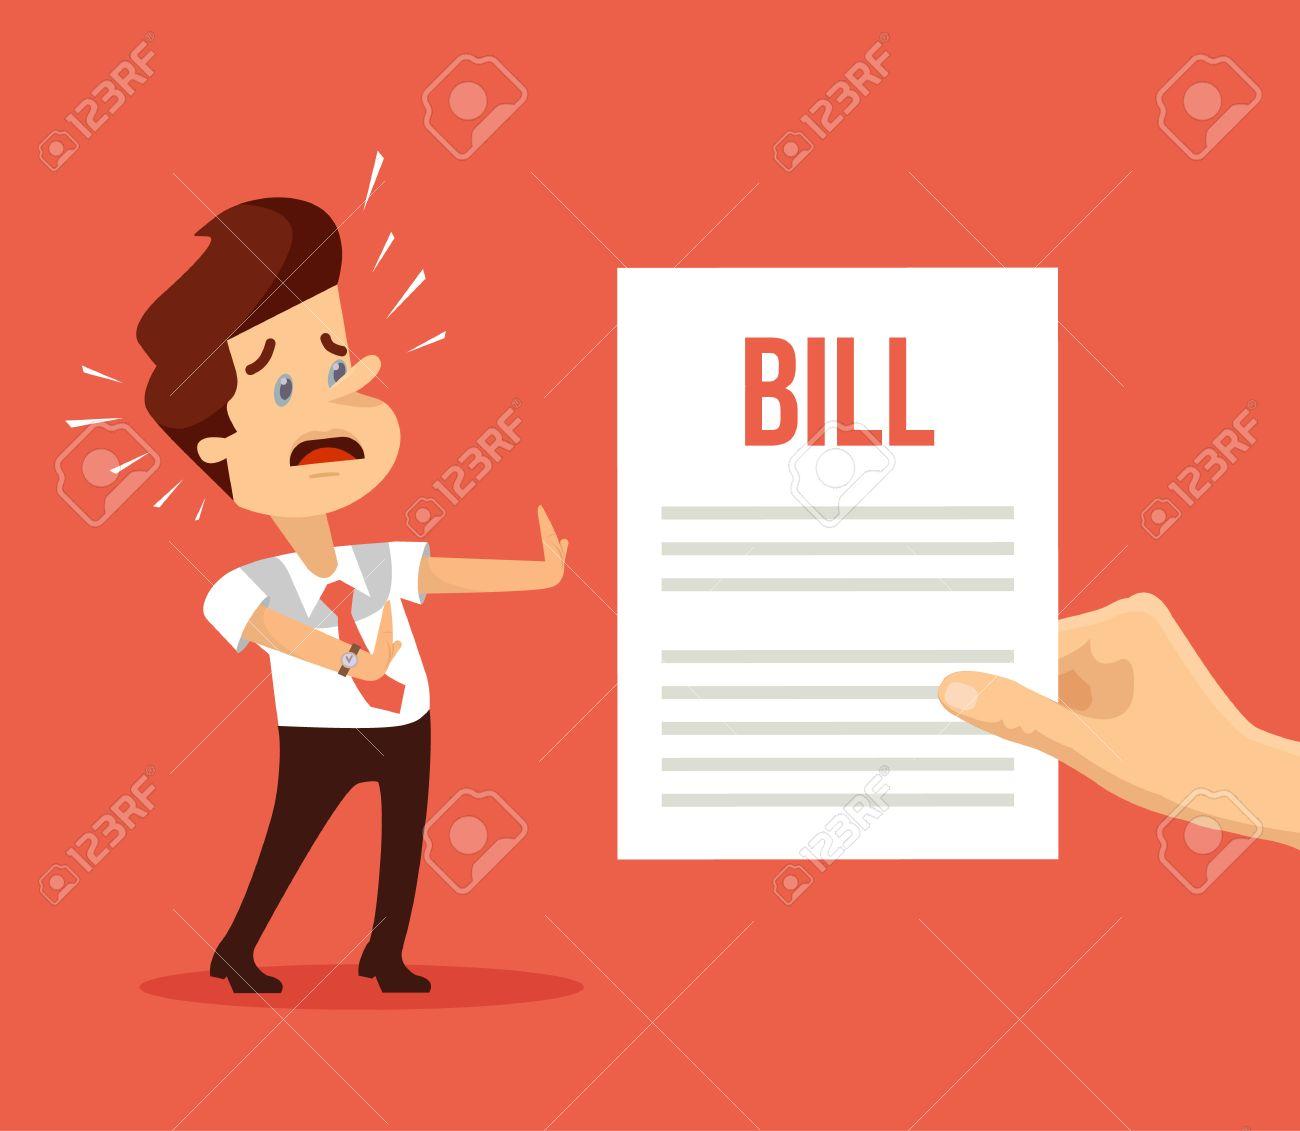 Shocked man character received bill. Vector flat cartoon illustration - 62459773